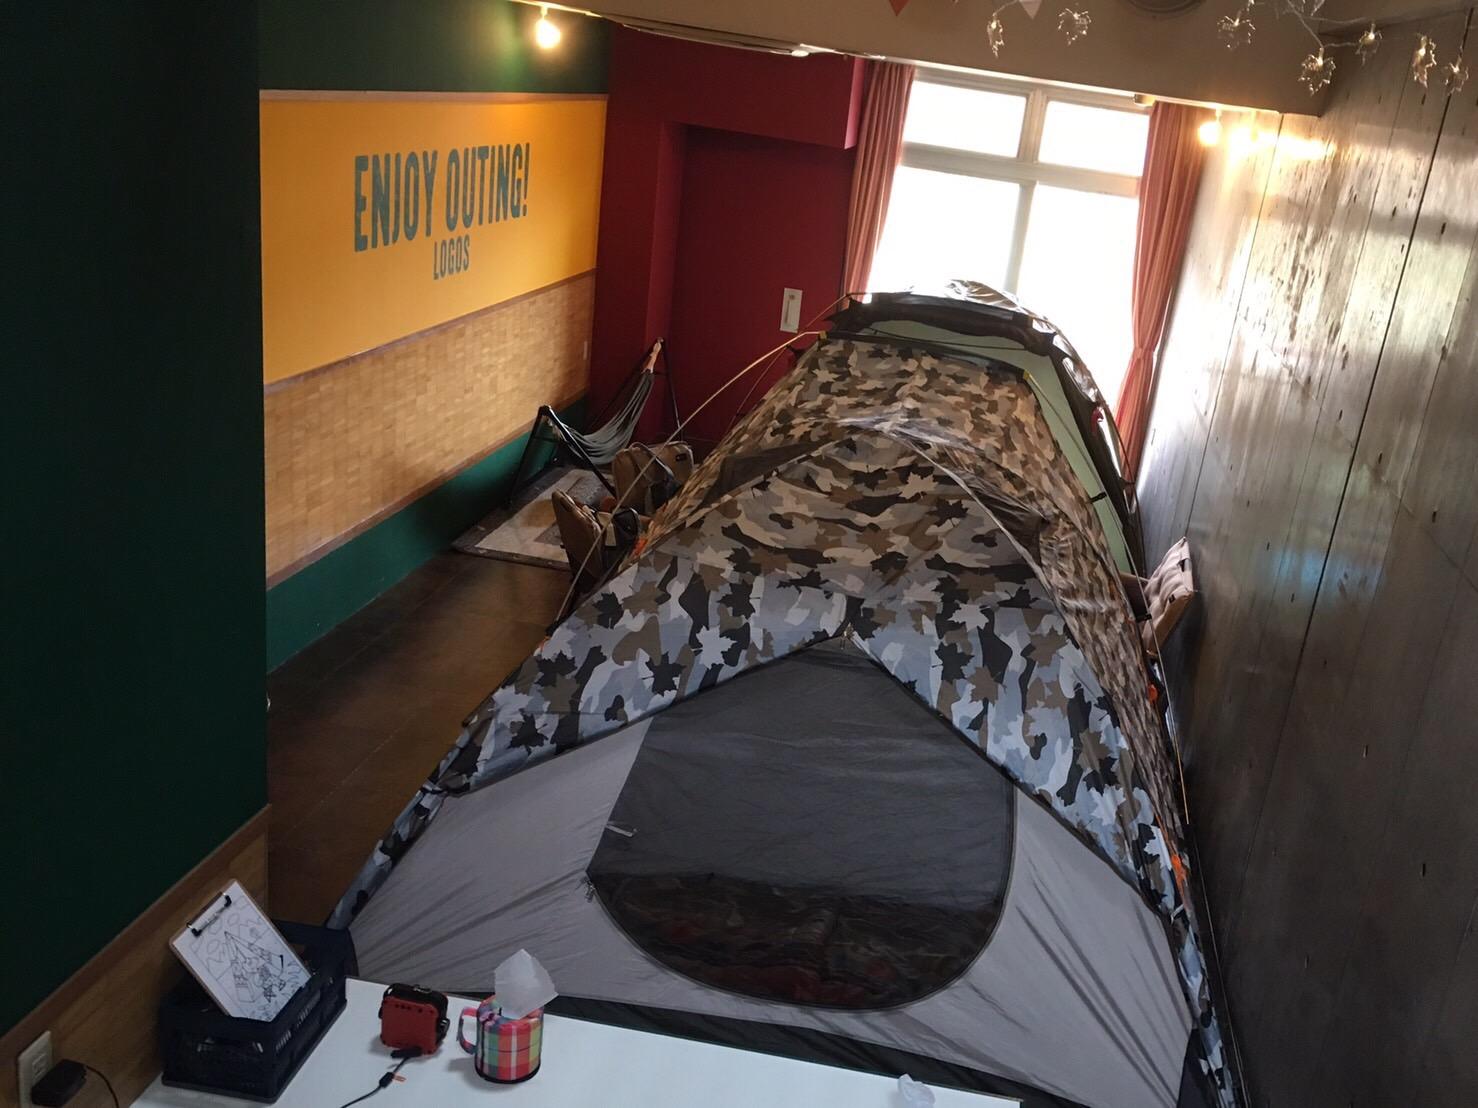 LOGOS LANDで『2ファミリールーム』体験‼